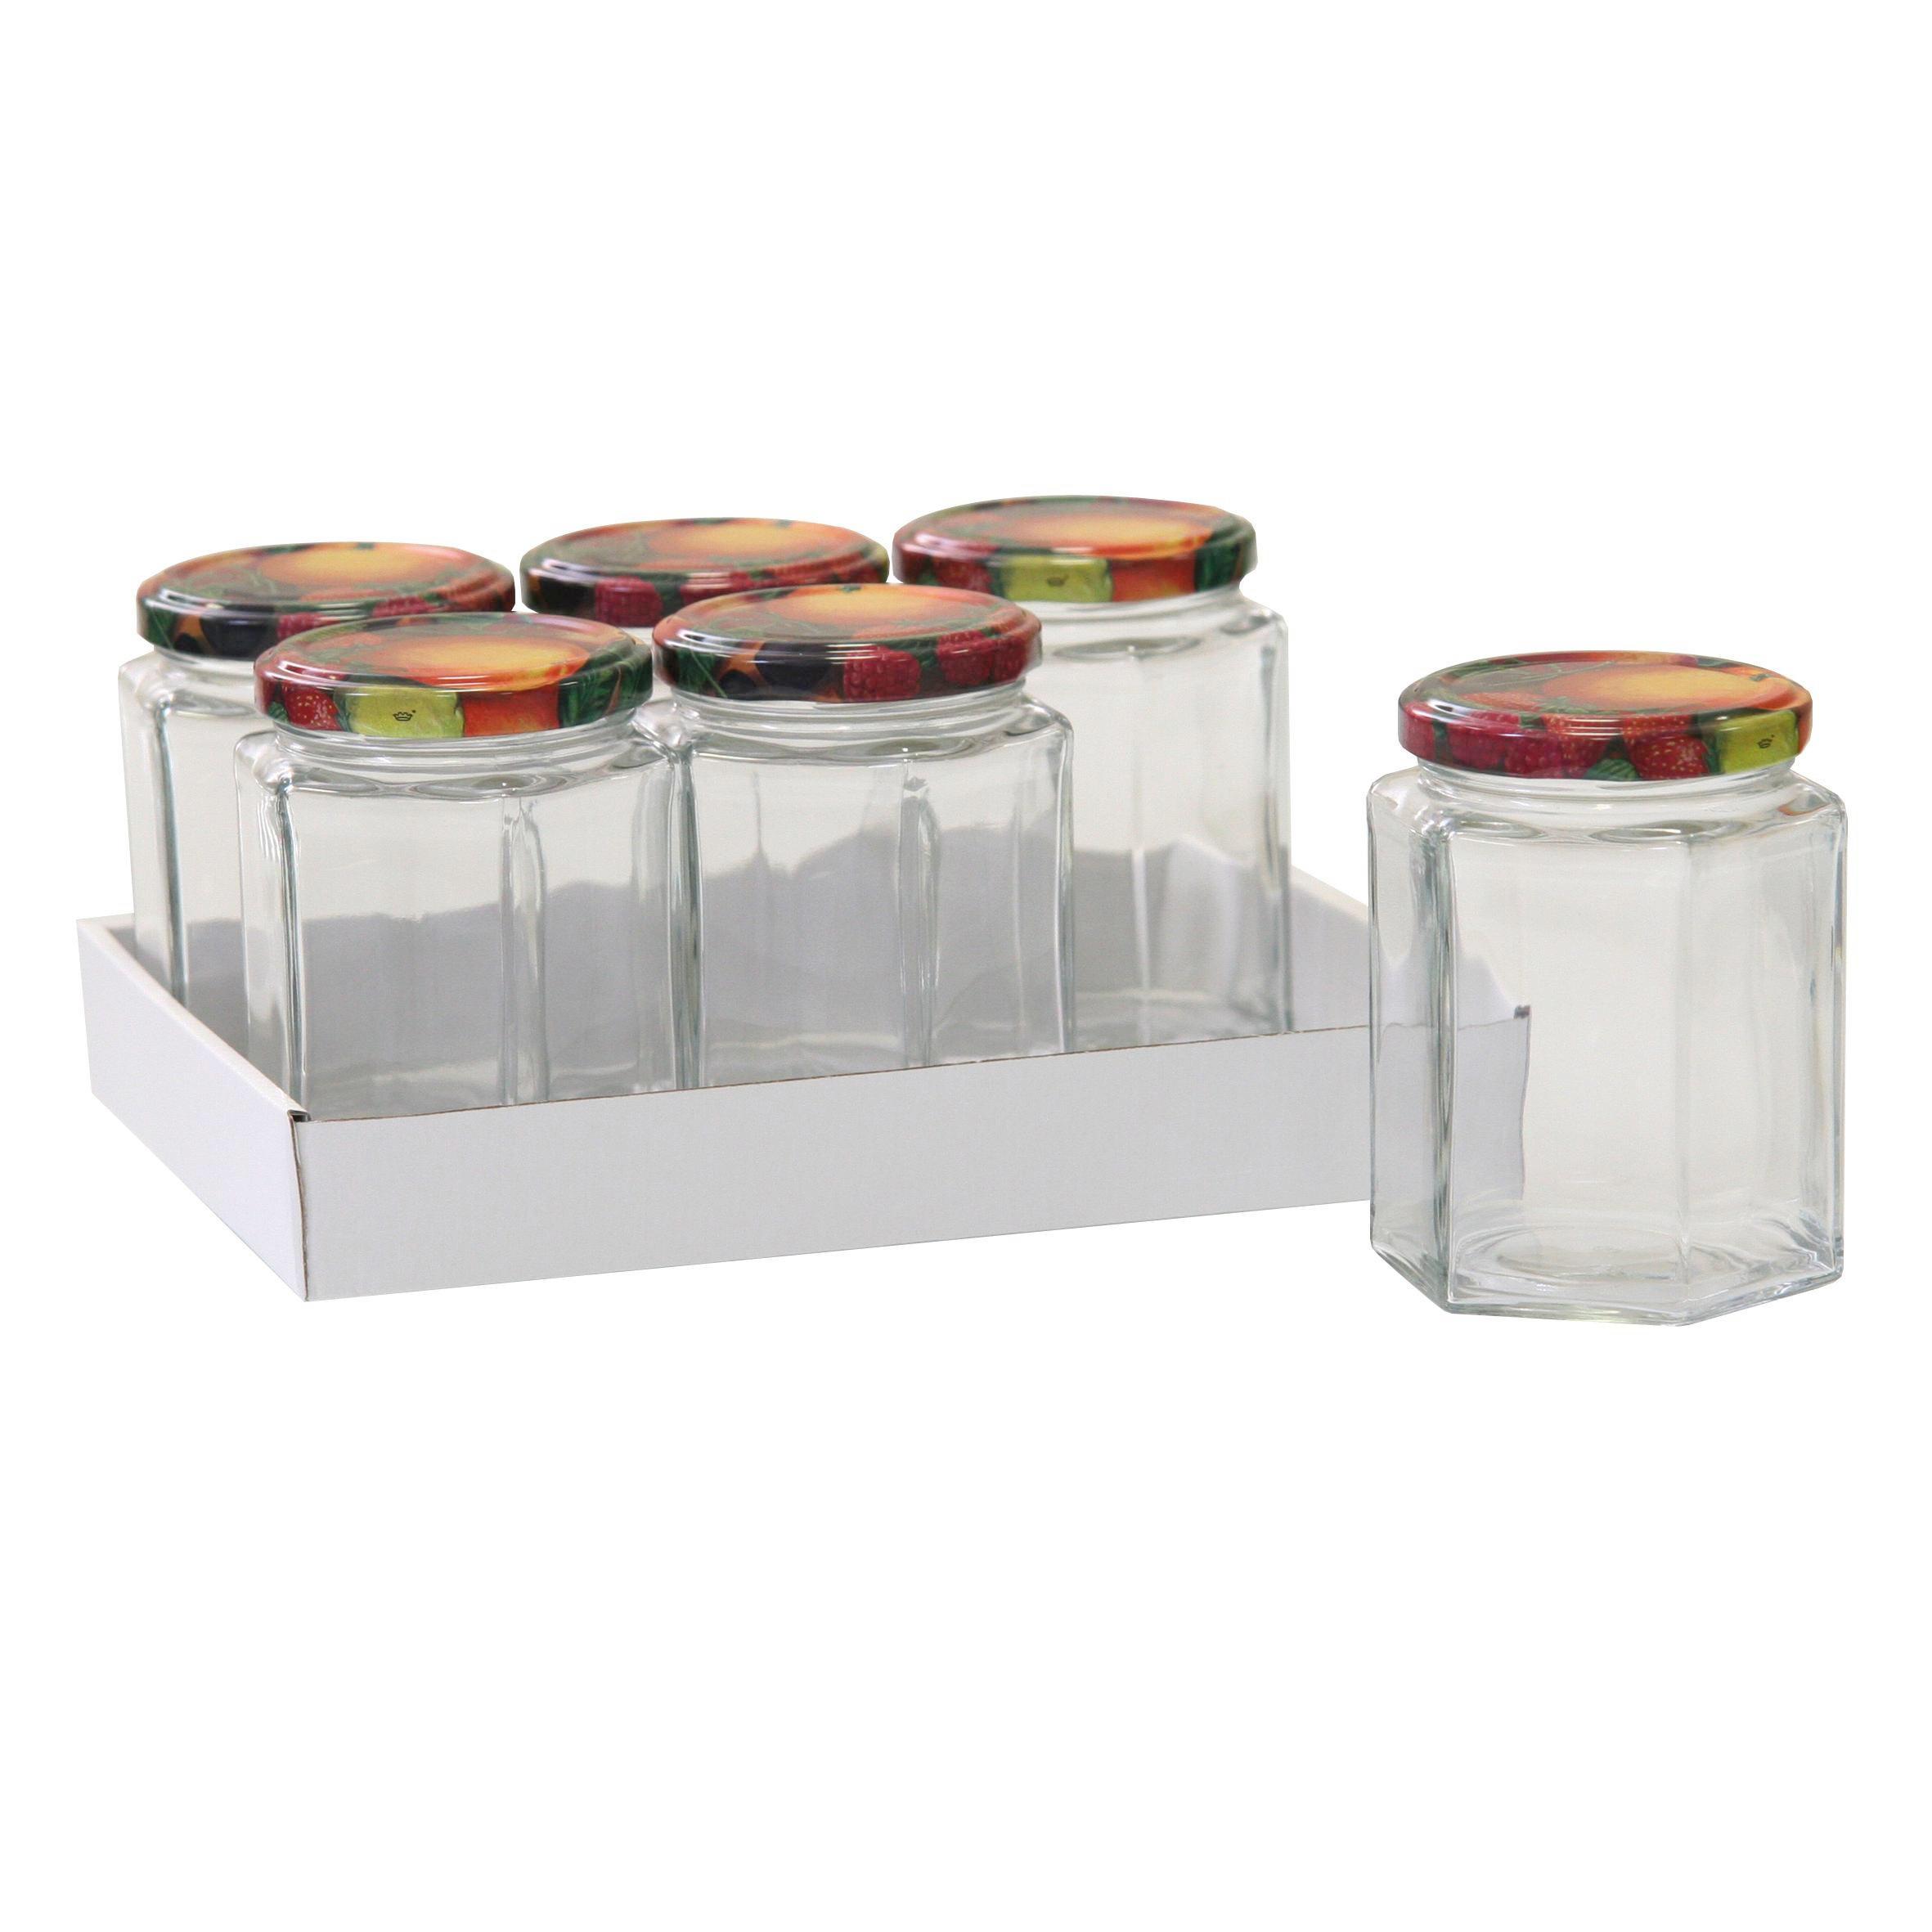 MARMELADENGLAS-SET - Transparent, Glas/Metall